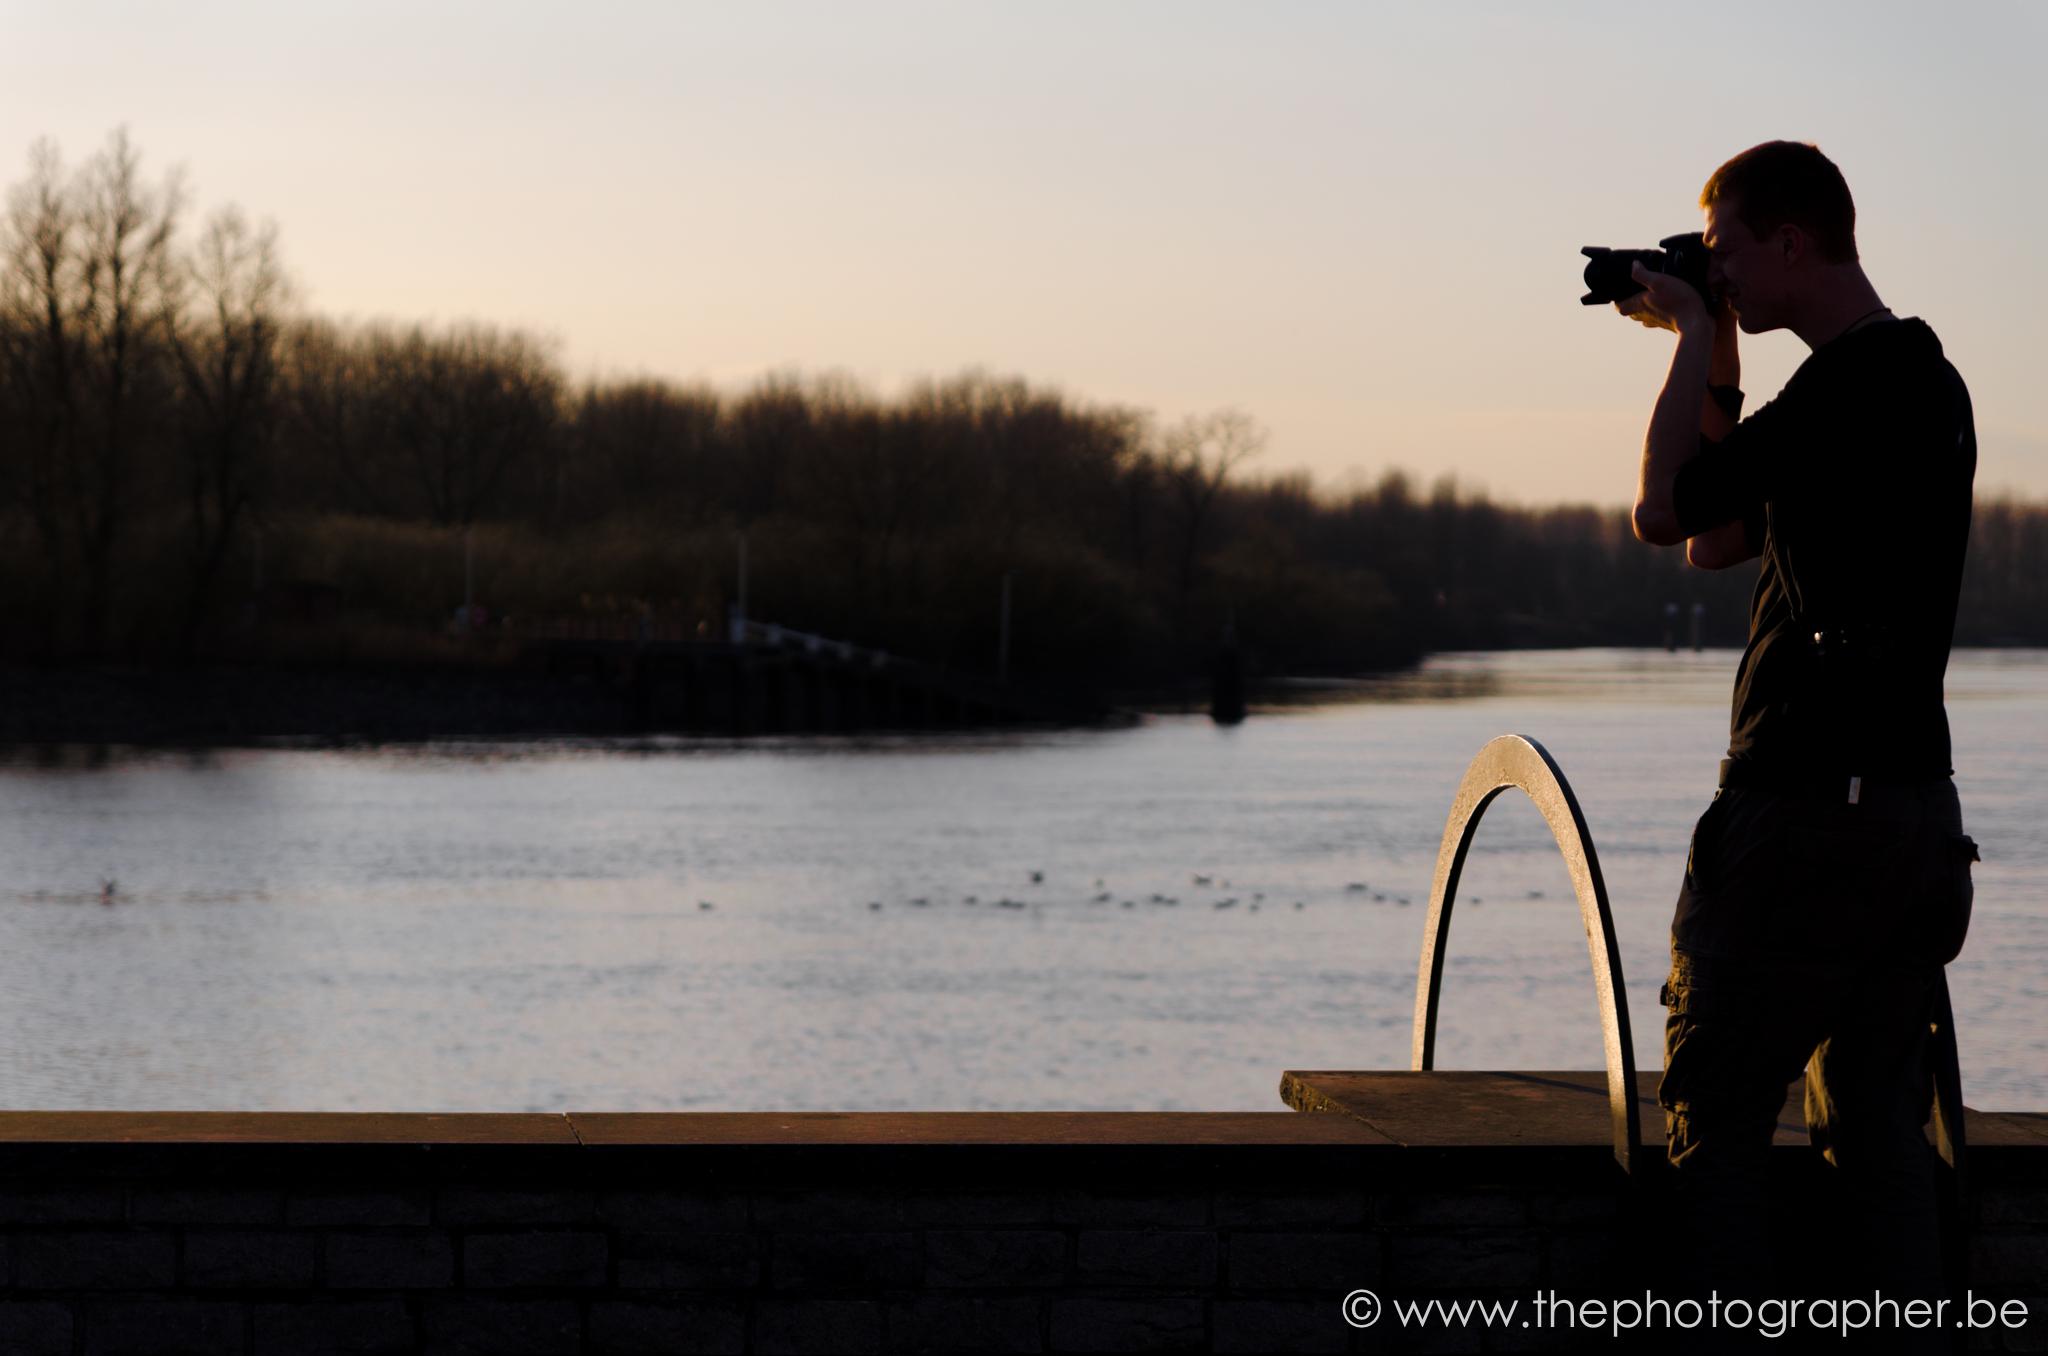 fotograaf portret landschap sint amands schelde zonsondergang 20120311